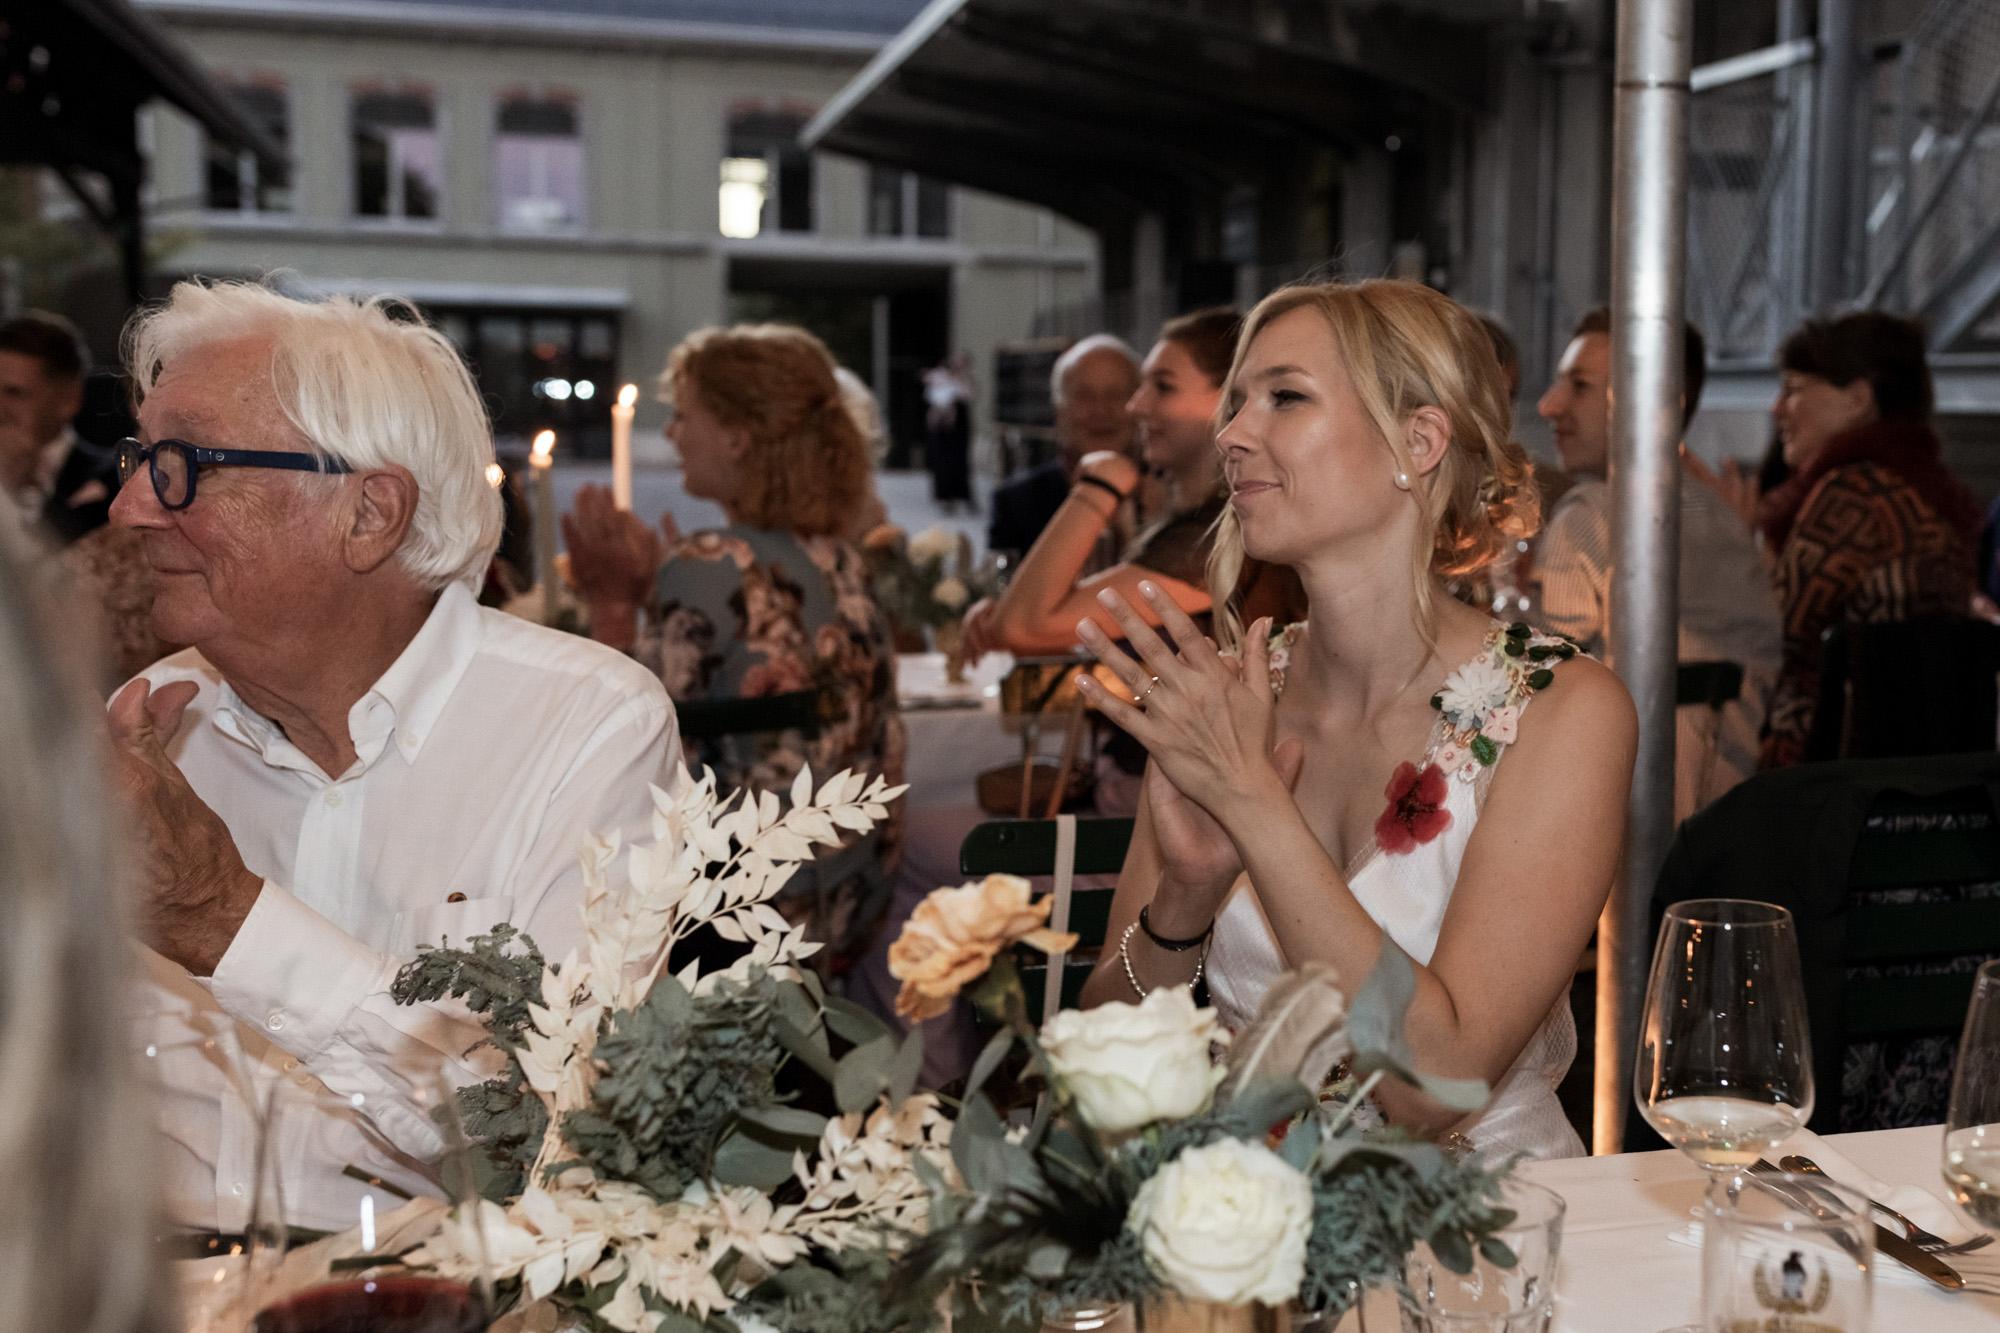 Hochzeit im Turbinenhaus in Basel - Die Braut